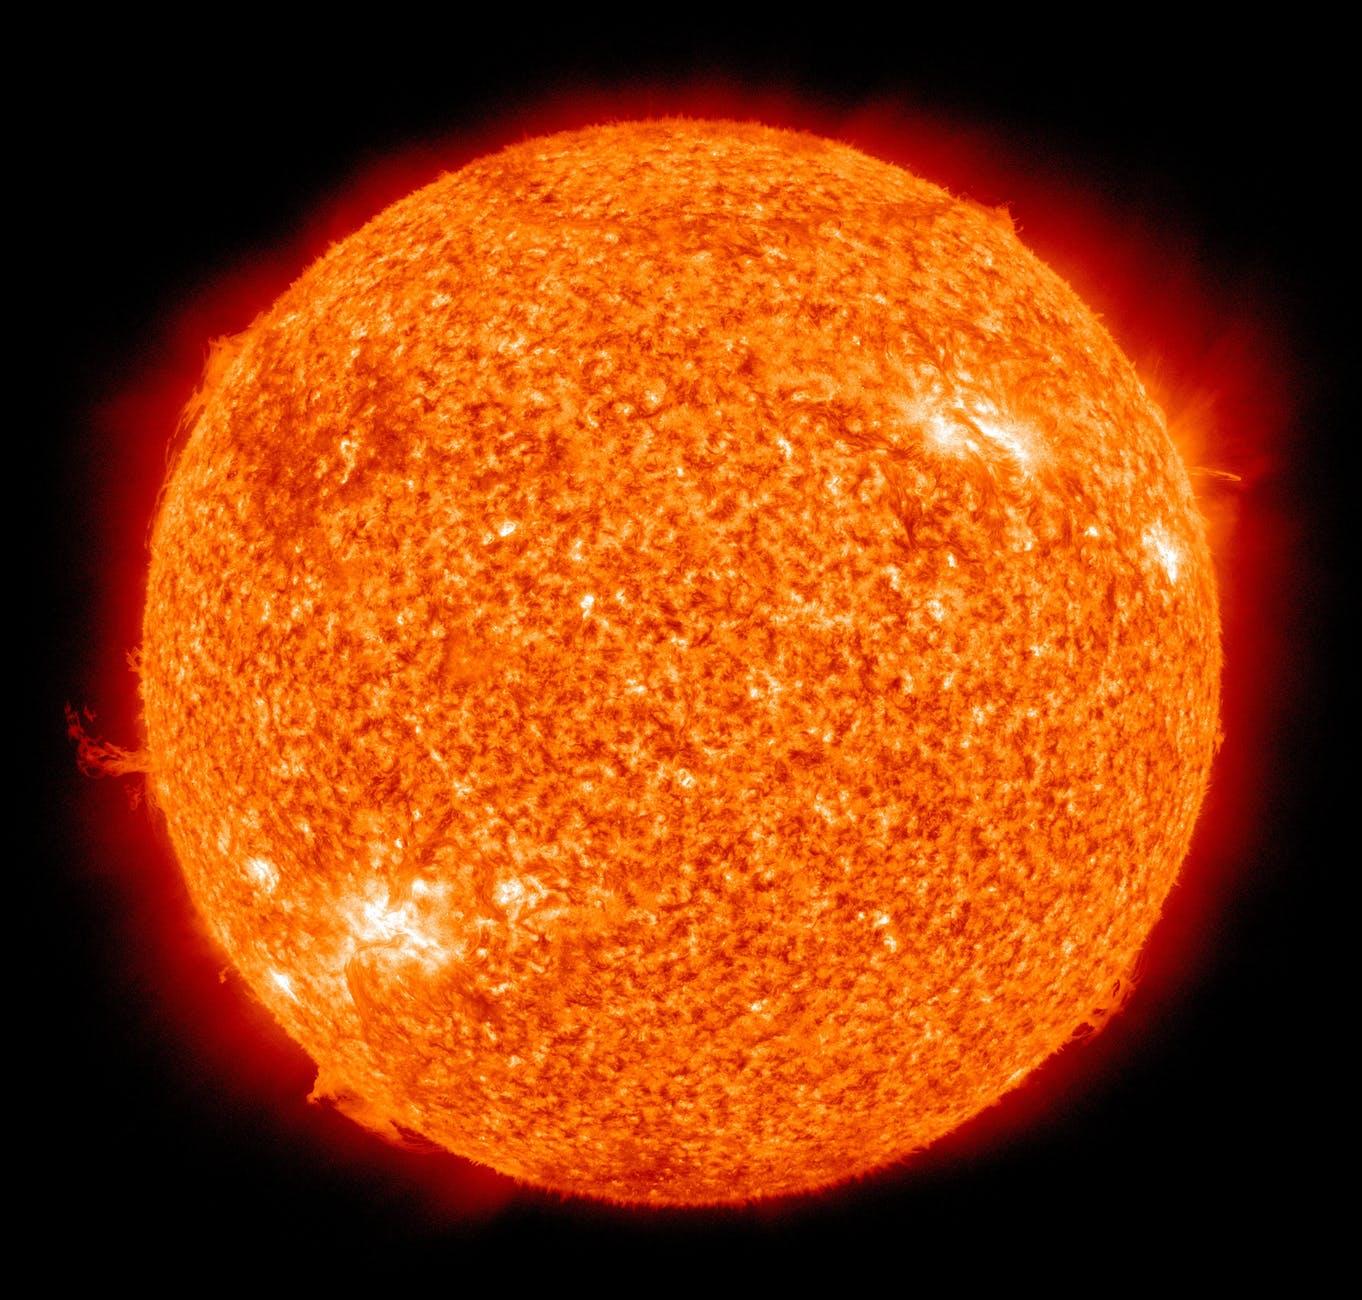 Métodos básicos para observar el Sol con un telescopio